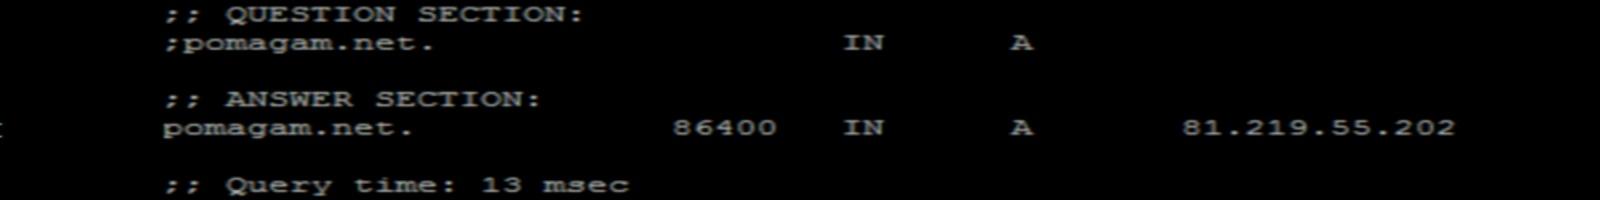 DNS Netia VPI VCI